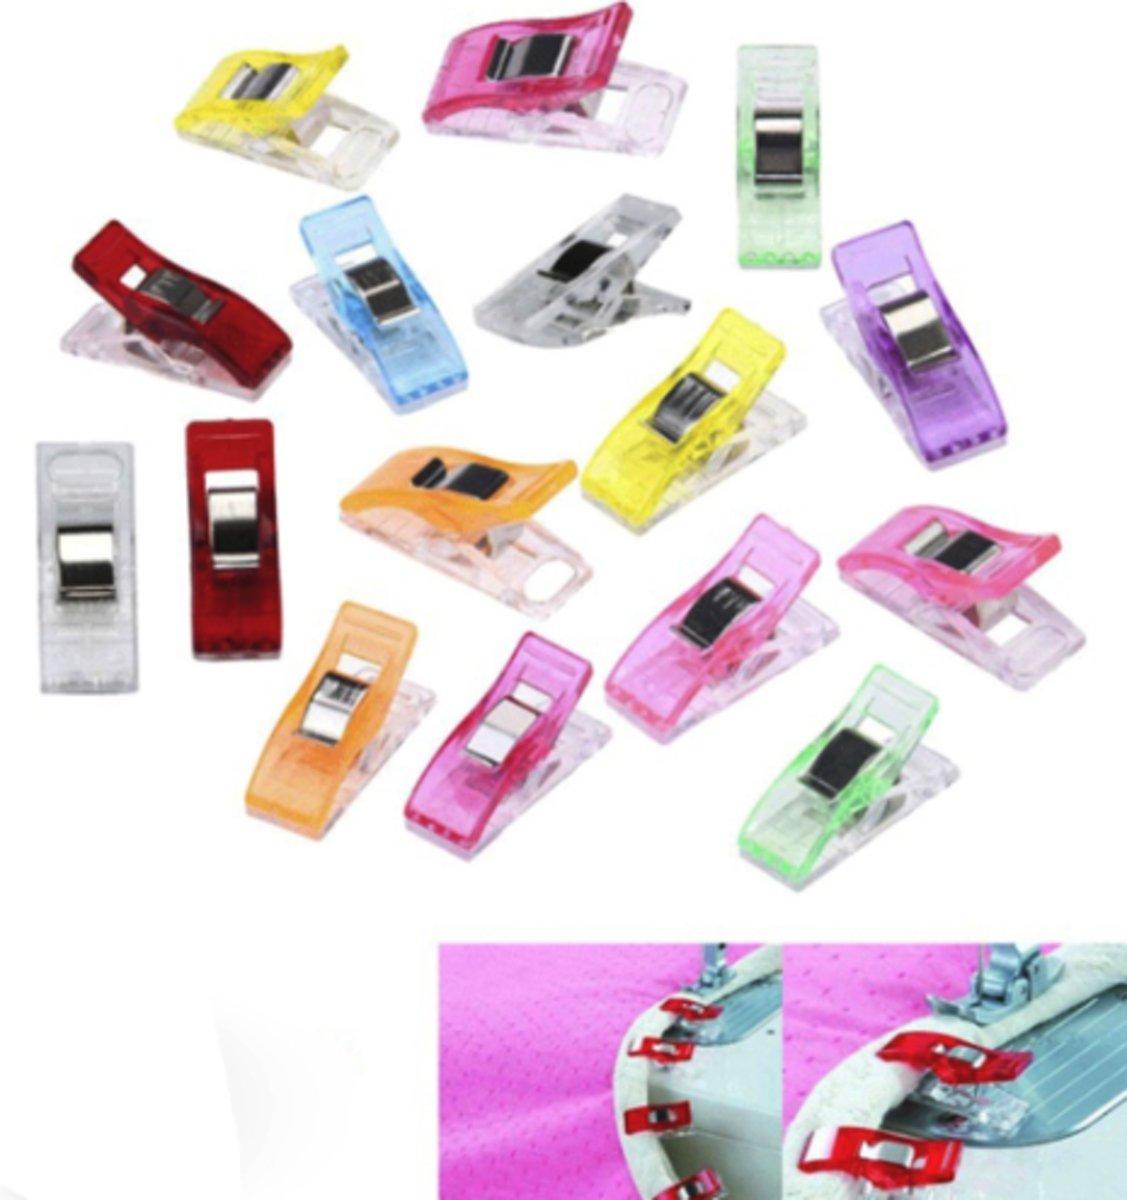 50 stuks - Wonder clips - kleine knijpertjes - vervanging voor spelden - wonderclips kopen